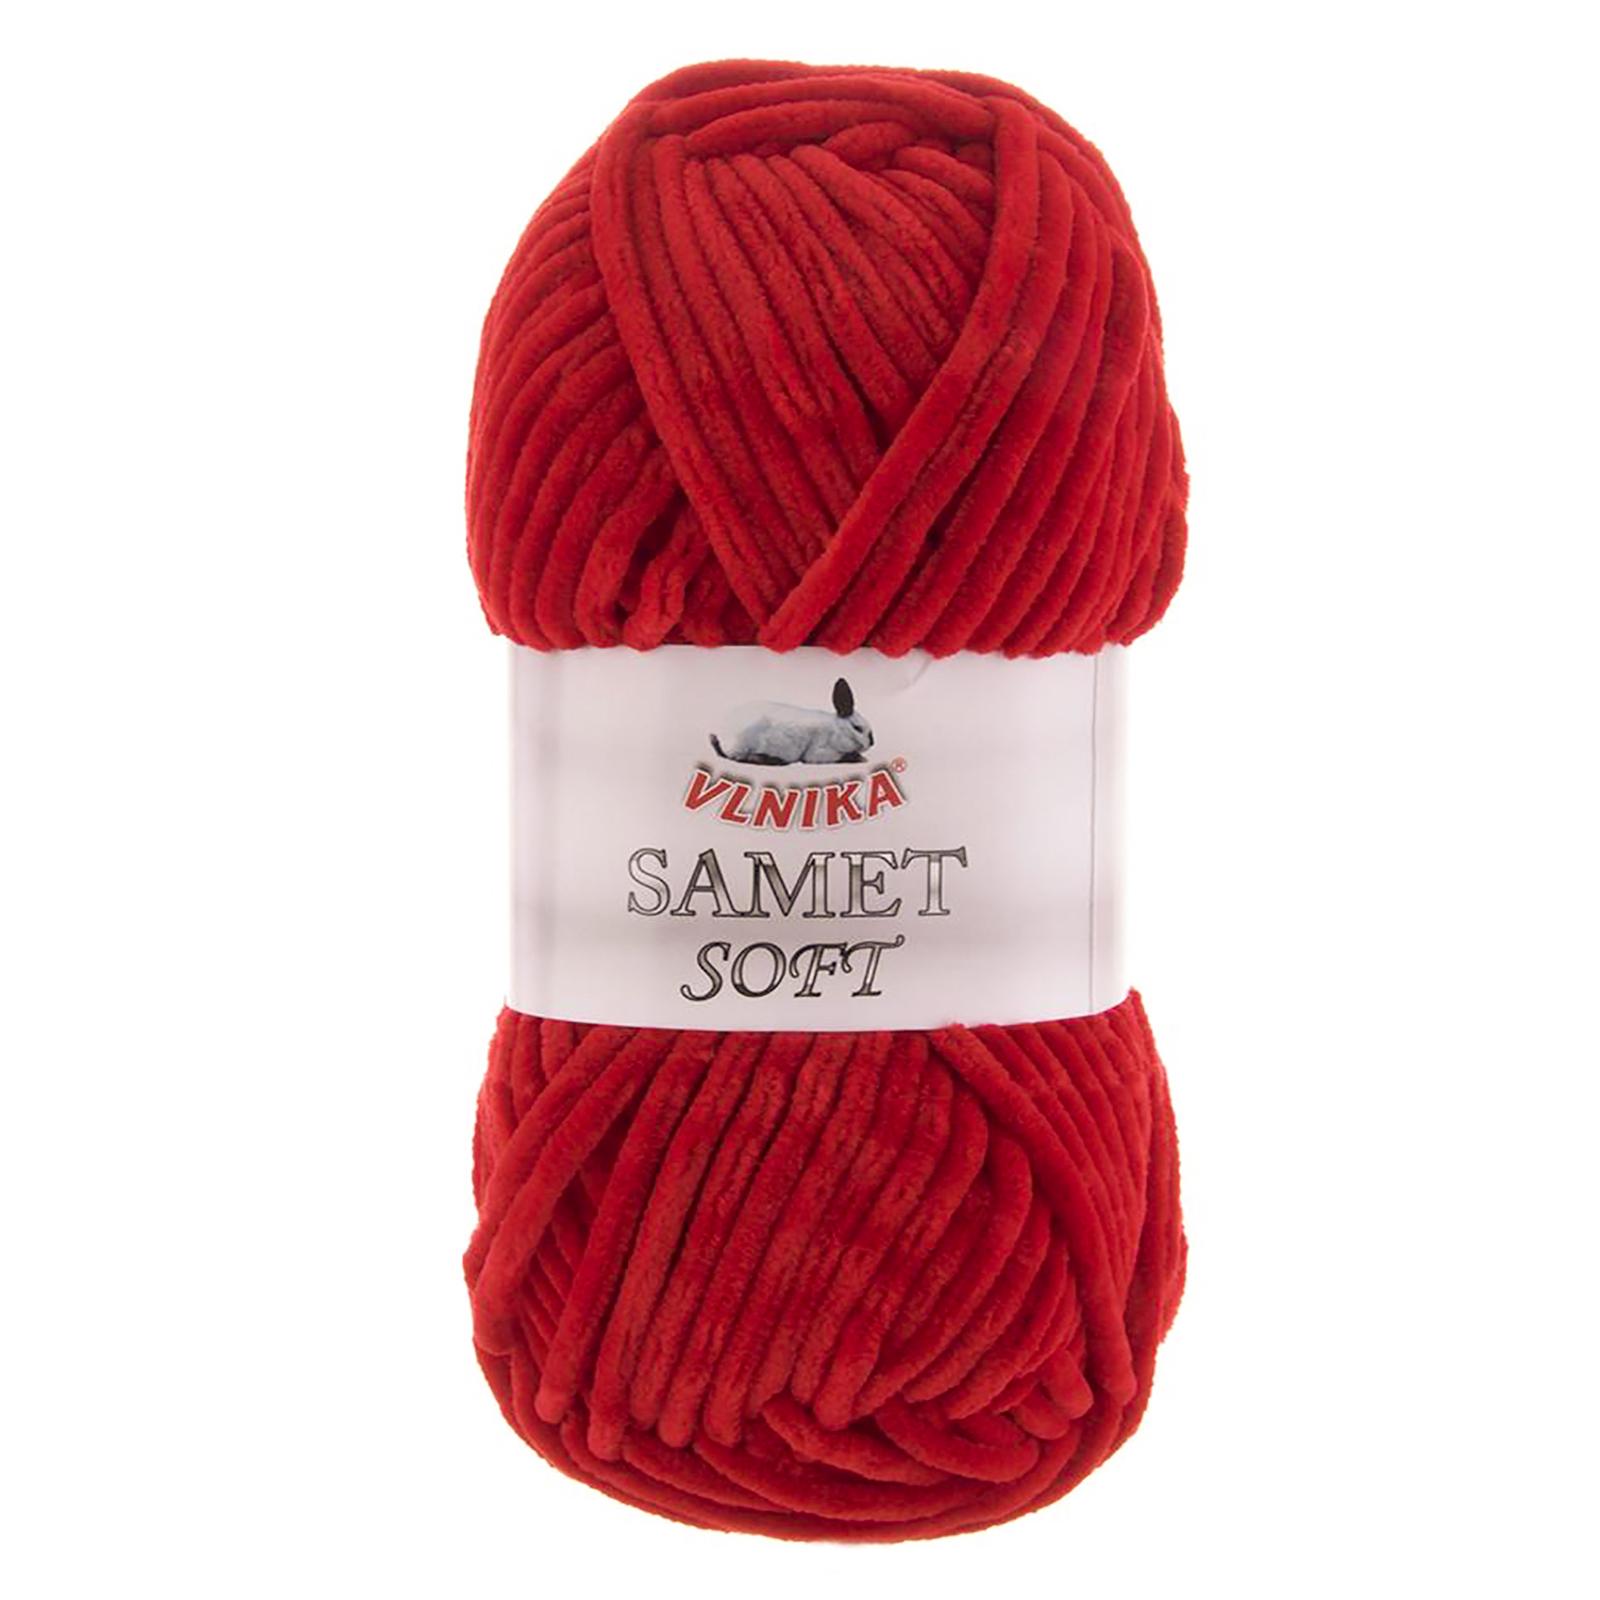 100g Strickgarn Samet Soft Chenille-Strickgarn Samtwolle Strickwolle flauschige Farbwahl – Bild 11